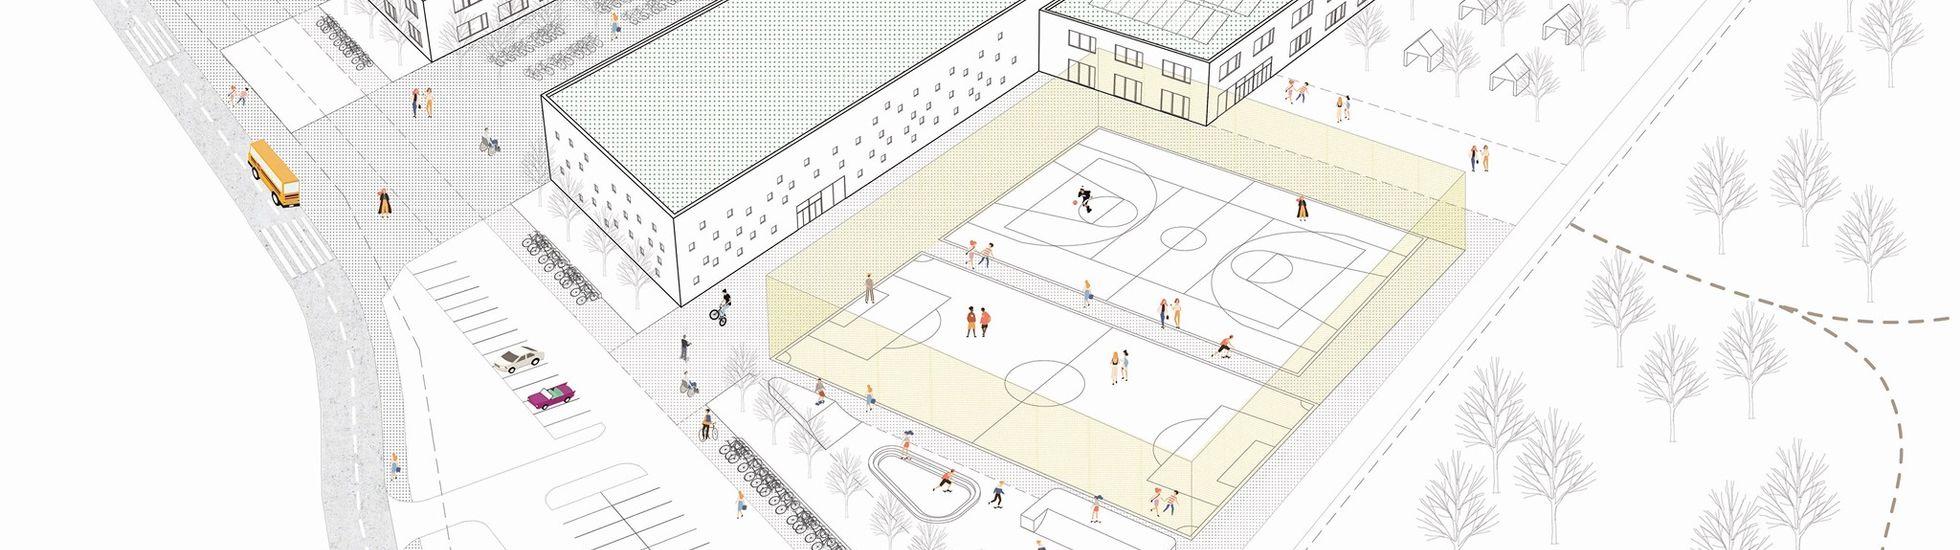 Wrocław: Tak ma wyglądać szkoła na granicy Jagodna i Wojszyc. Konkurs rozstrzygnięty